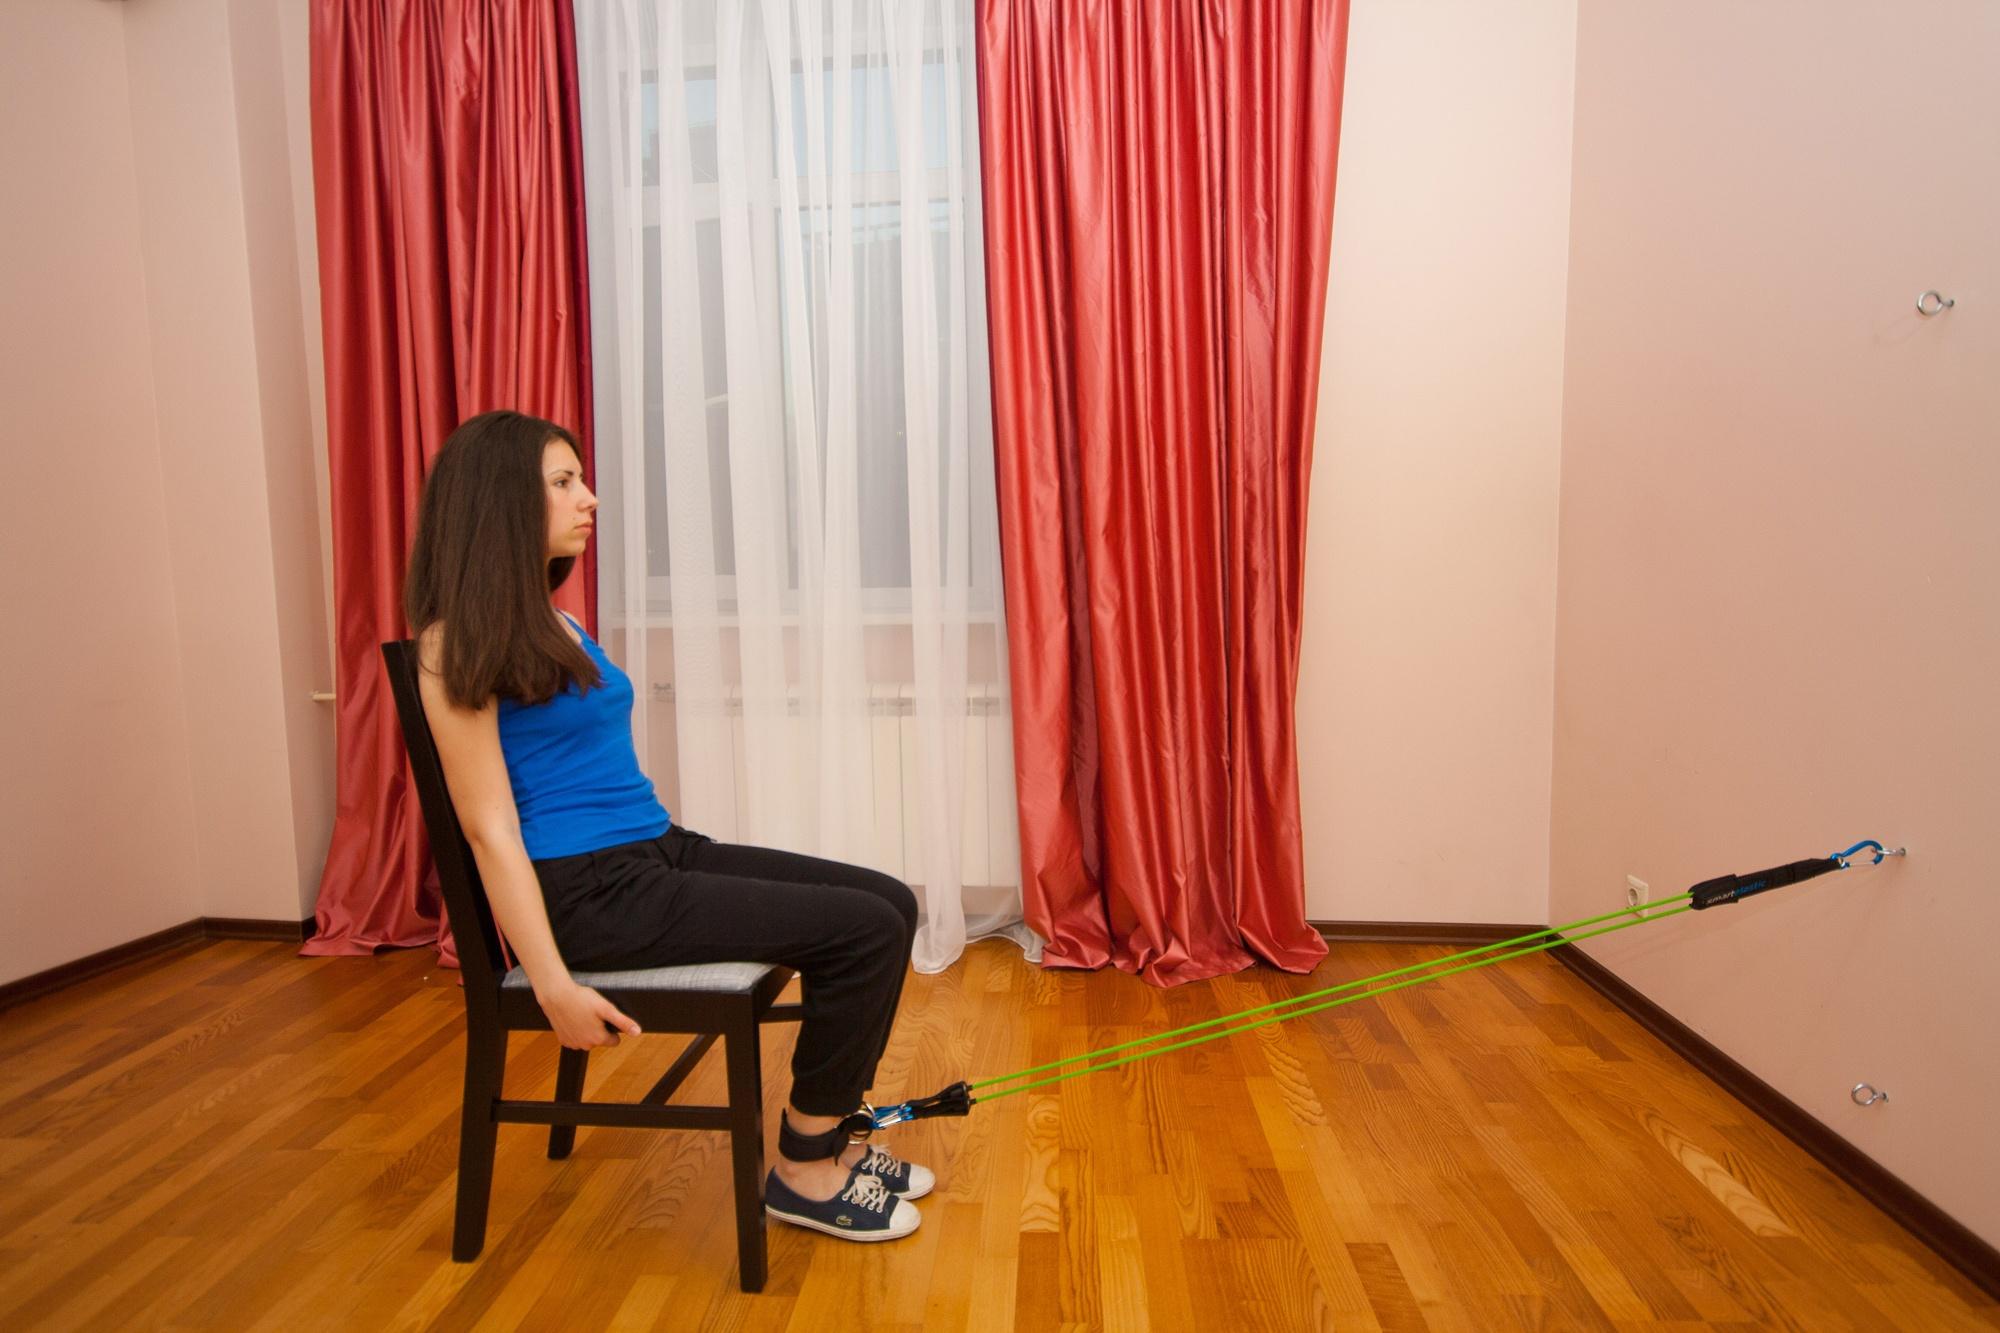 Упражнение с эспандером для ног. Сгибание ног в положении сидя